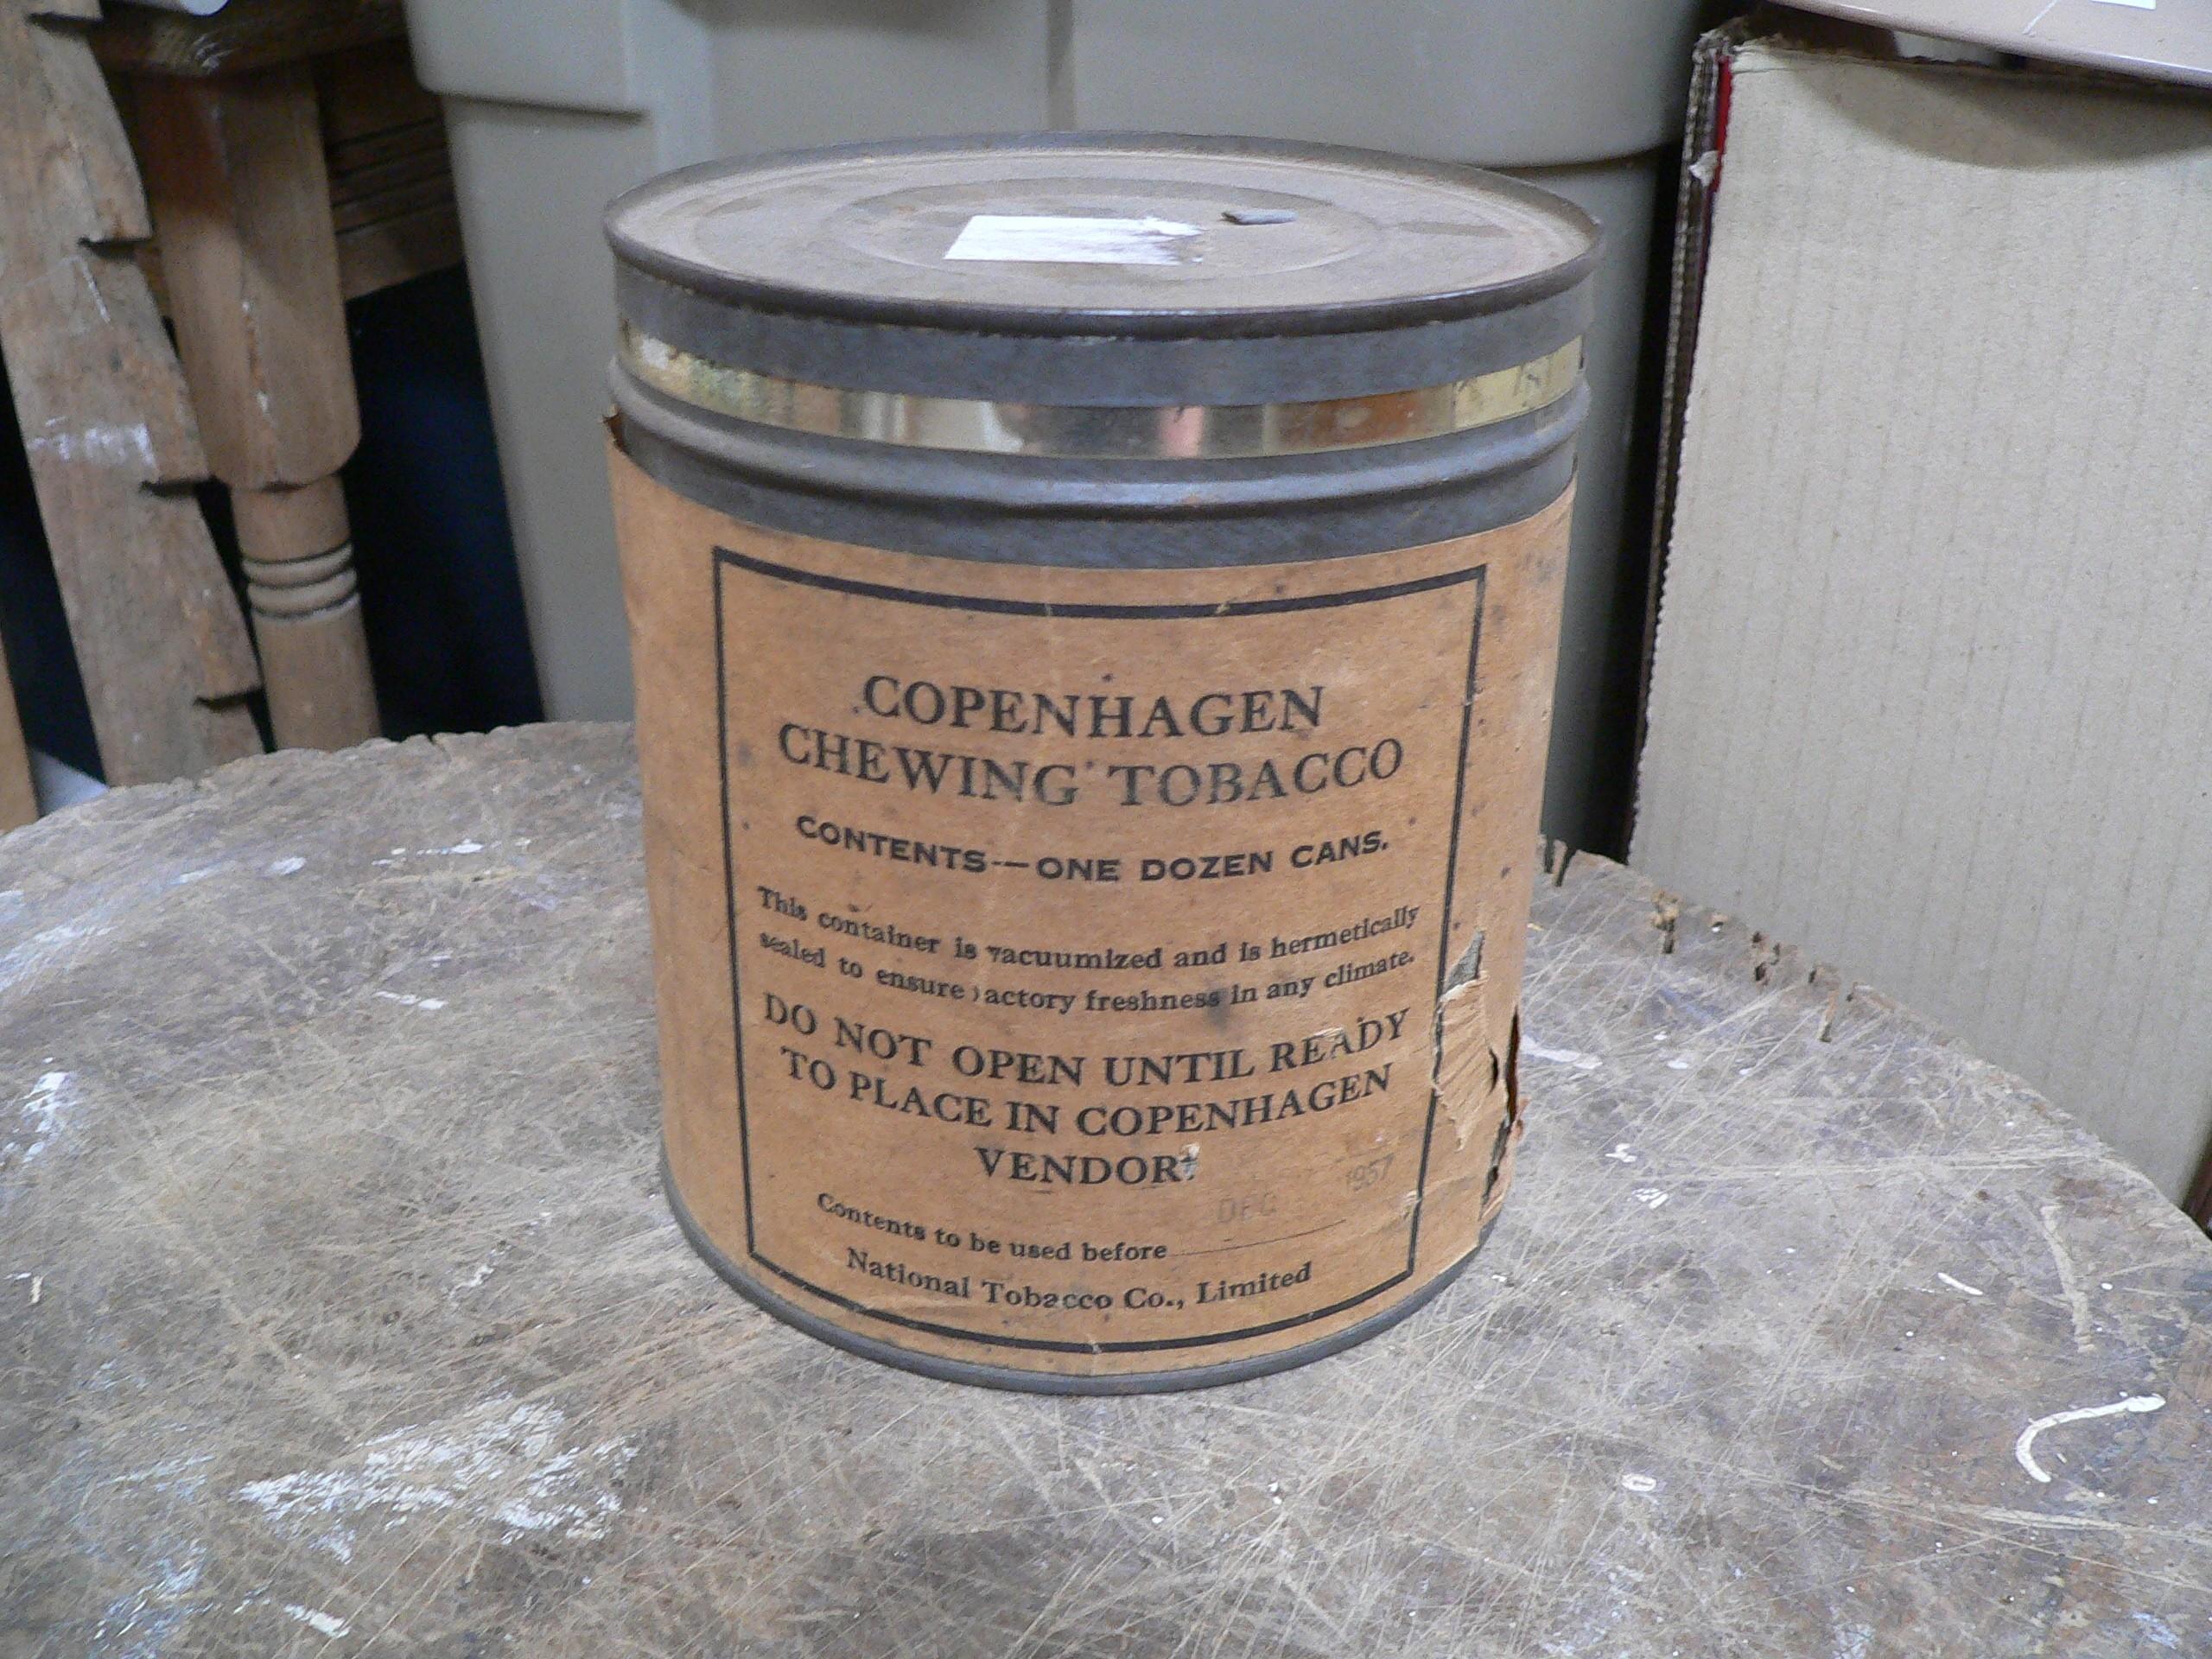 Canne de tabac copenhagen # 7486.1